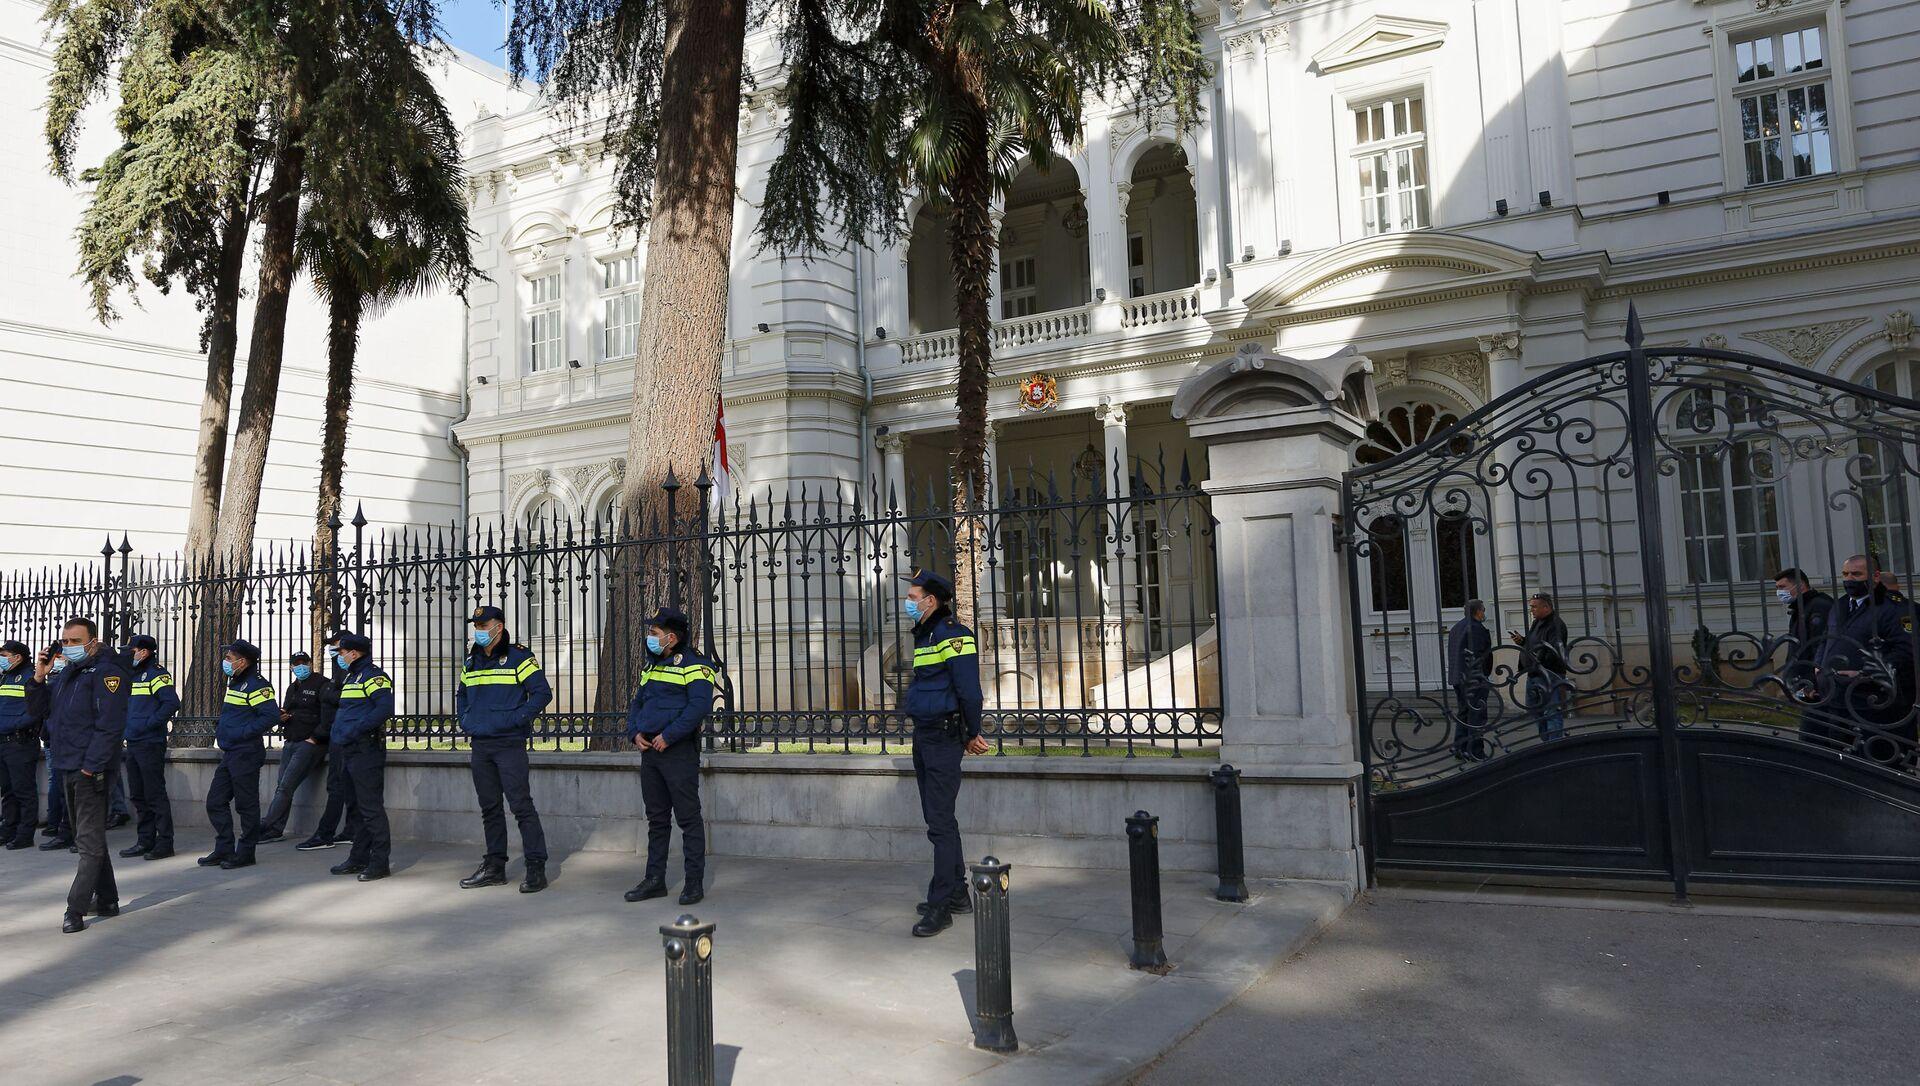 Президентская резиденция на улице Атонели под охраной полиции во время акции протеста - Sputnik Грузия, 1920, 01.03.2021